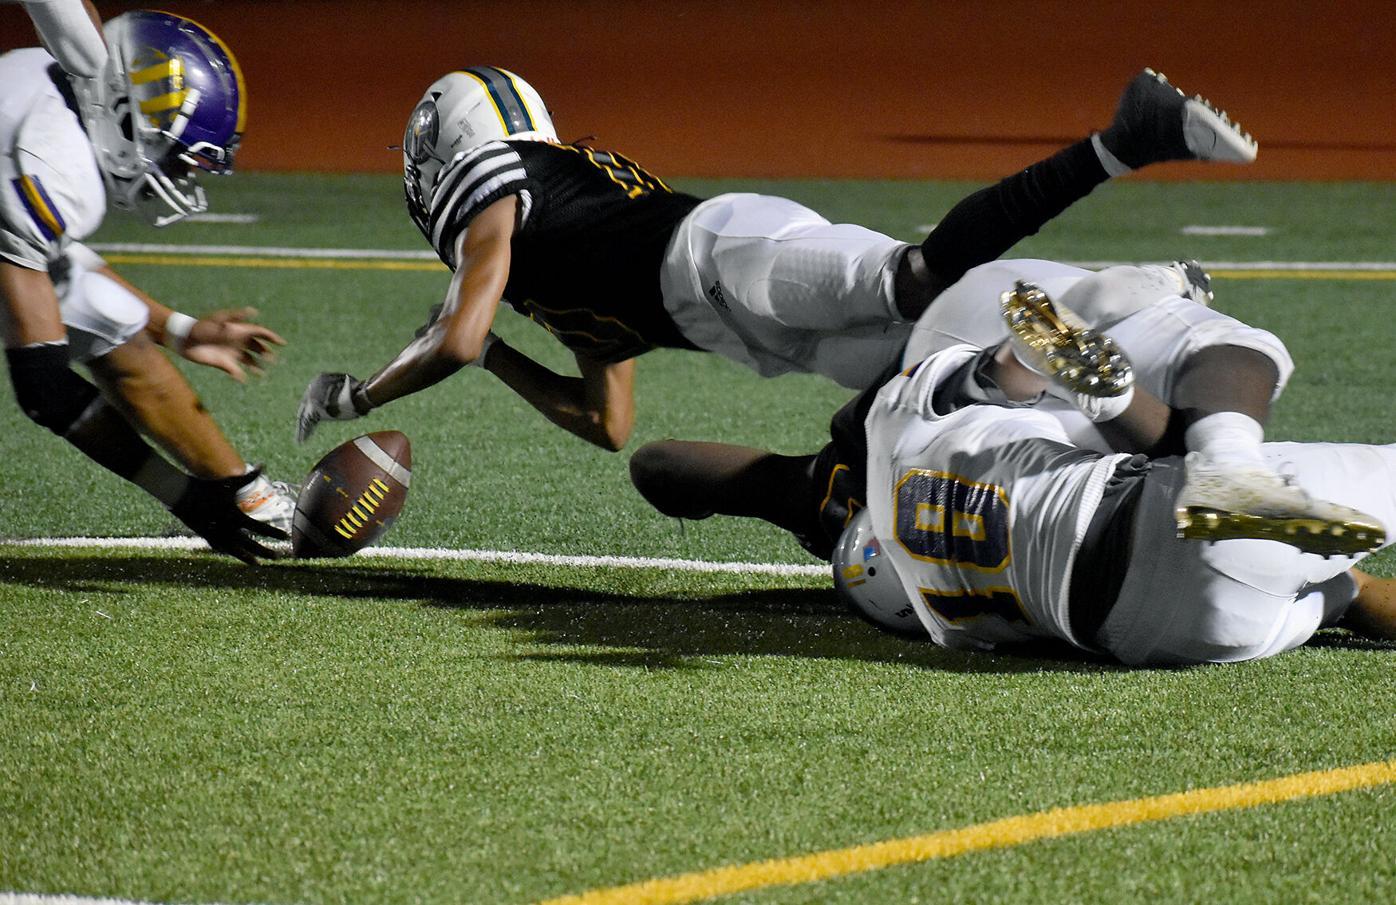 Battle sophomore Alex Fernandez dives over